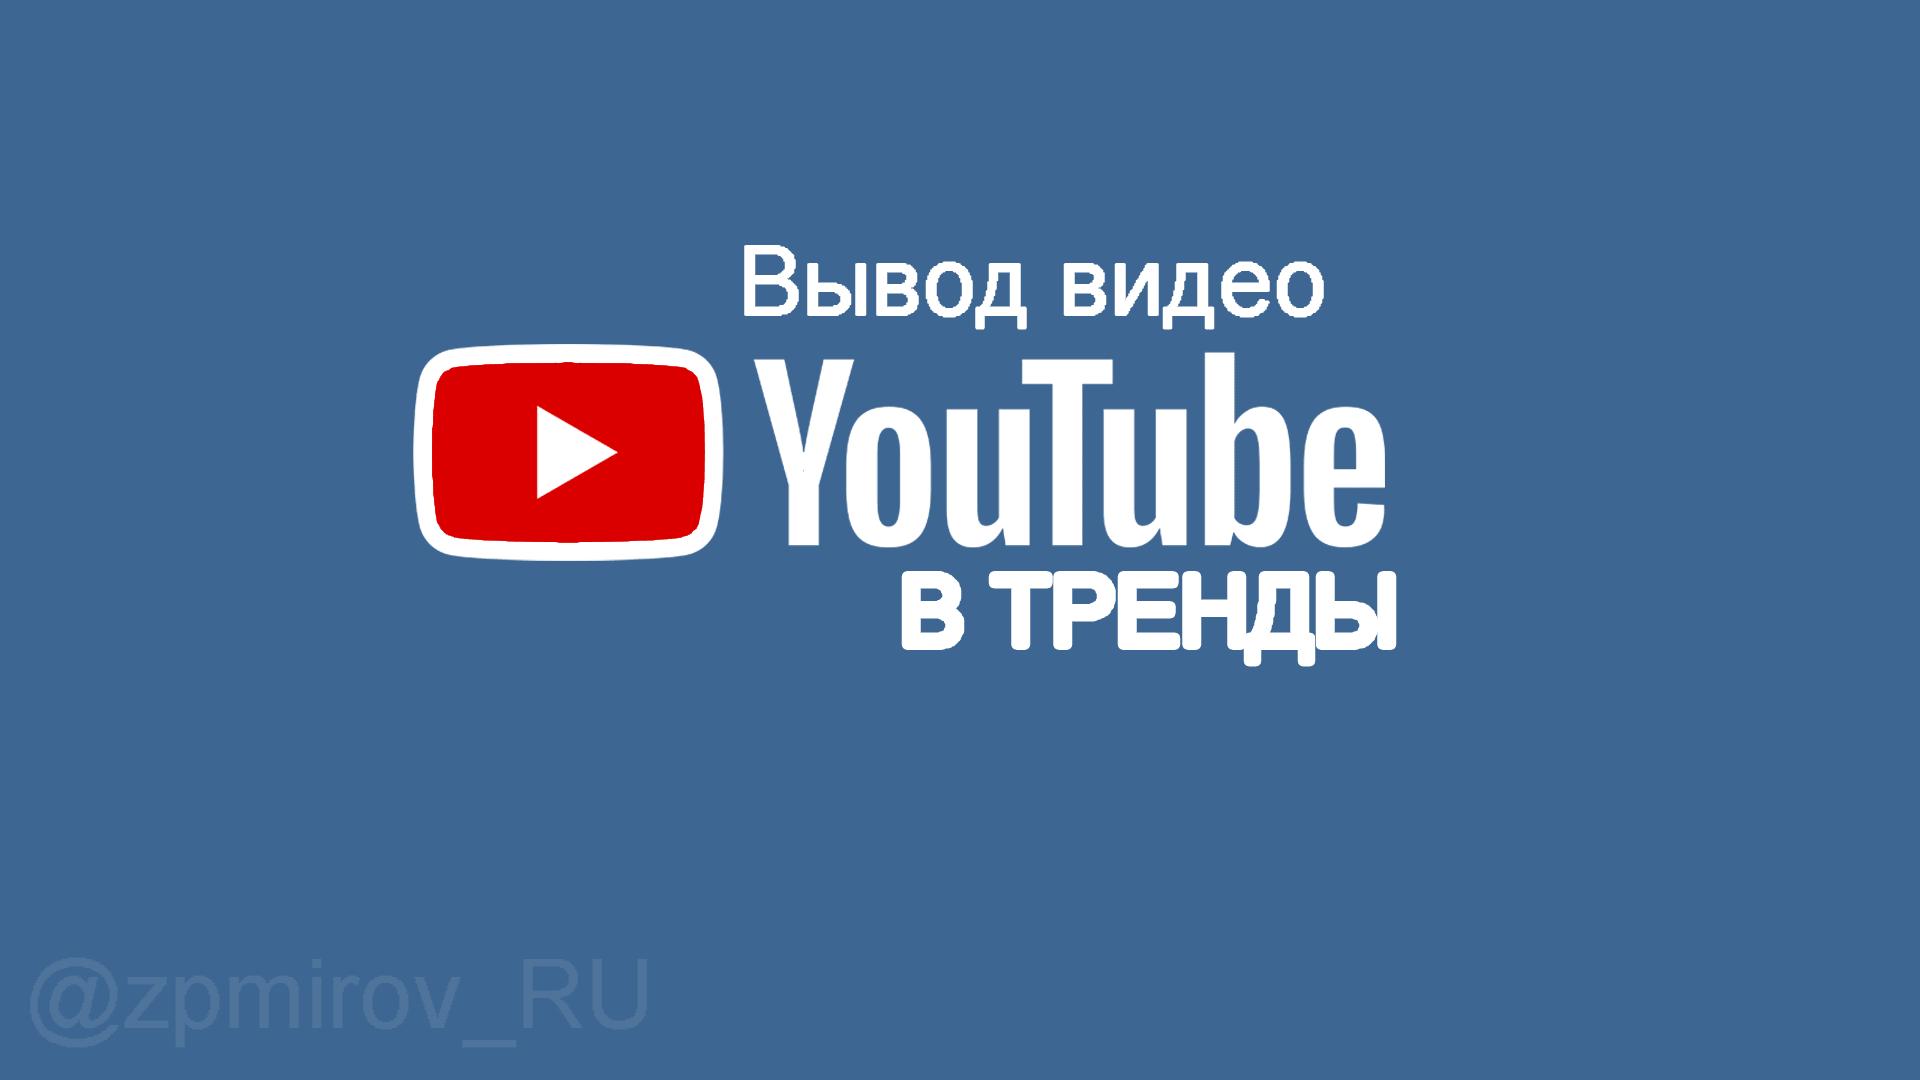 Как попасть в Тренды YouTube?